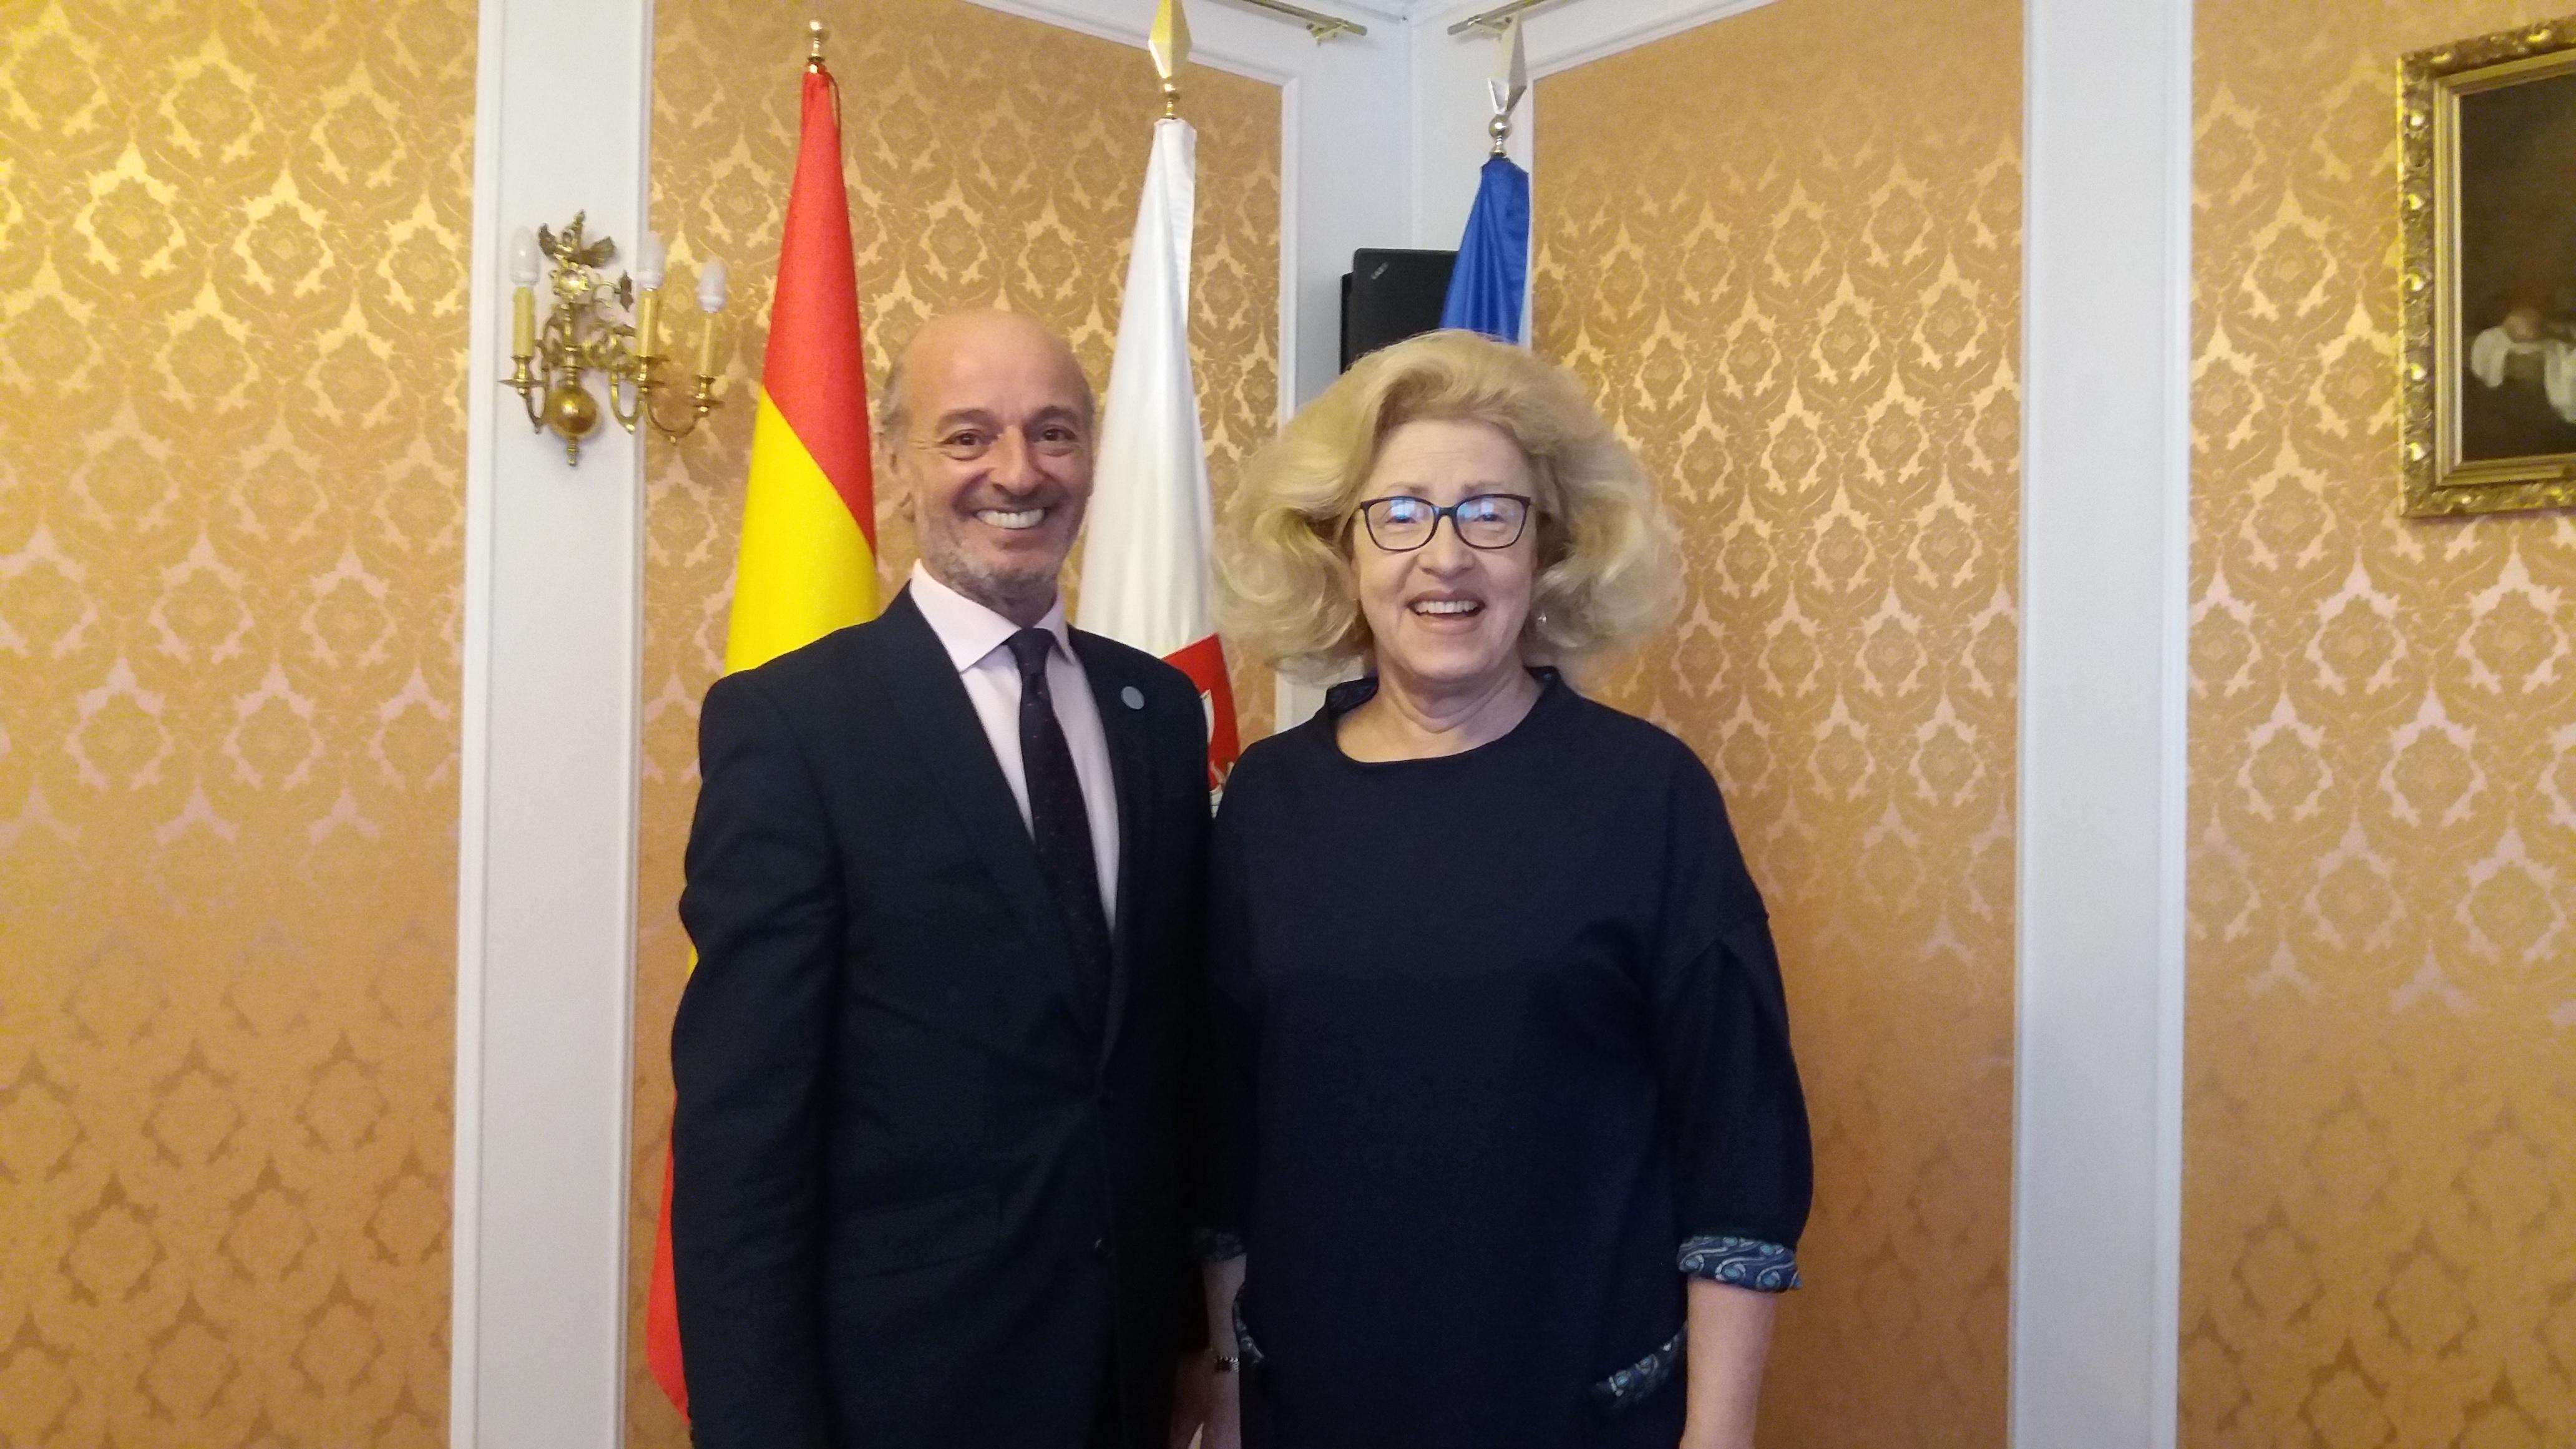 Entrevista a Marzenna Adamczyk, embajadora de Polonia en España